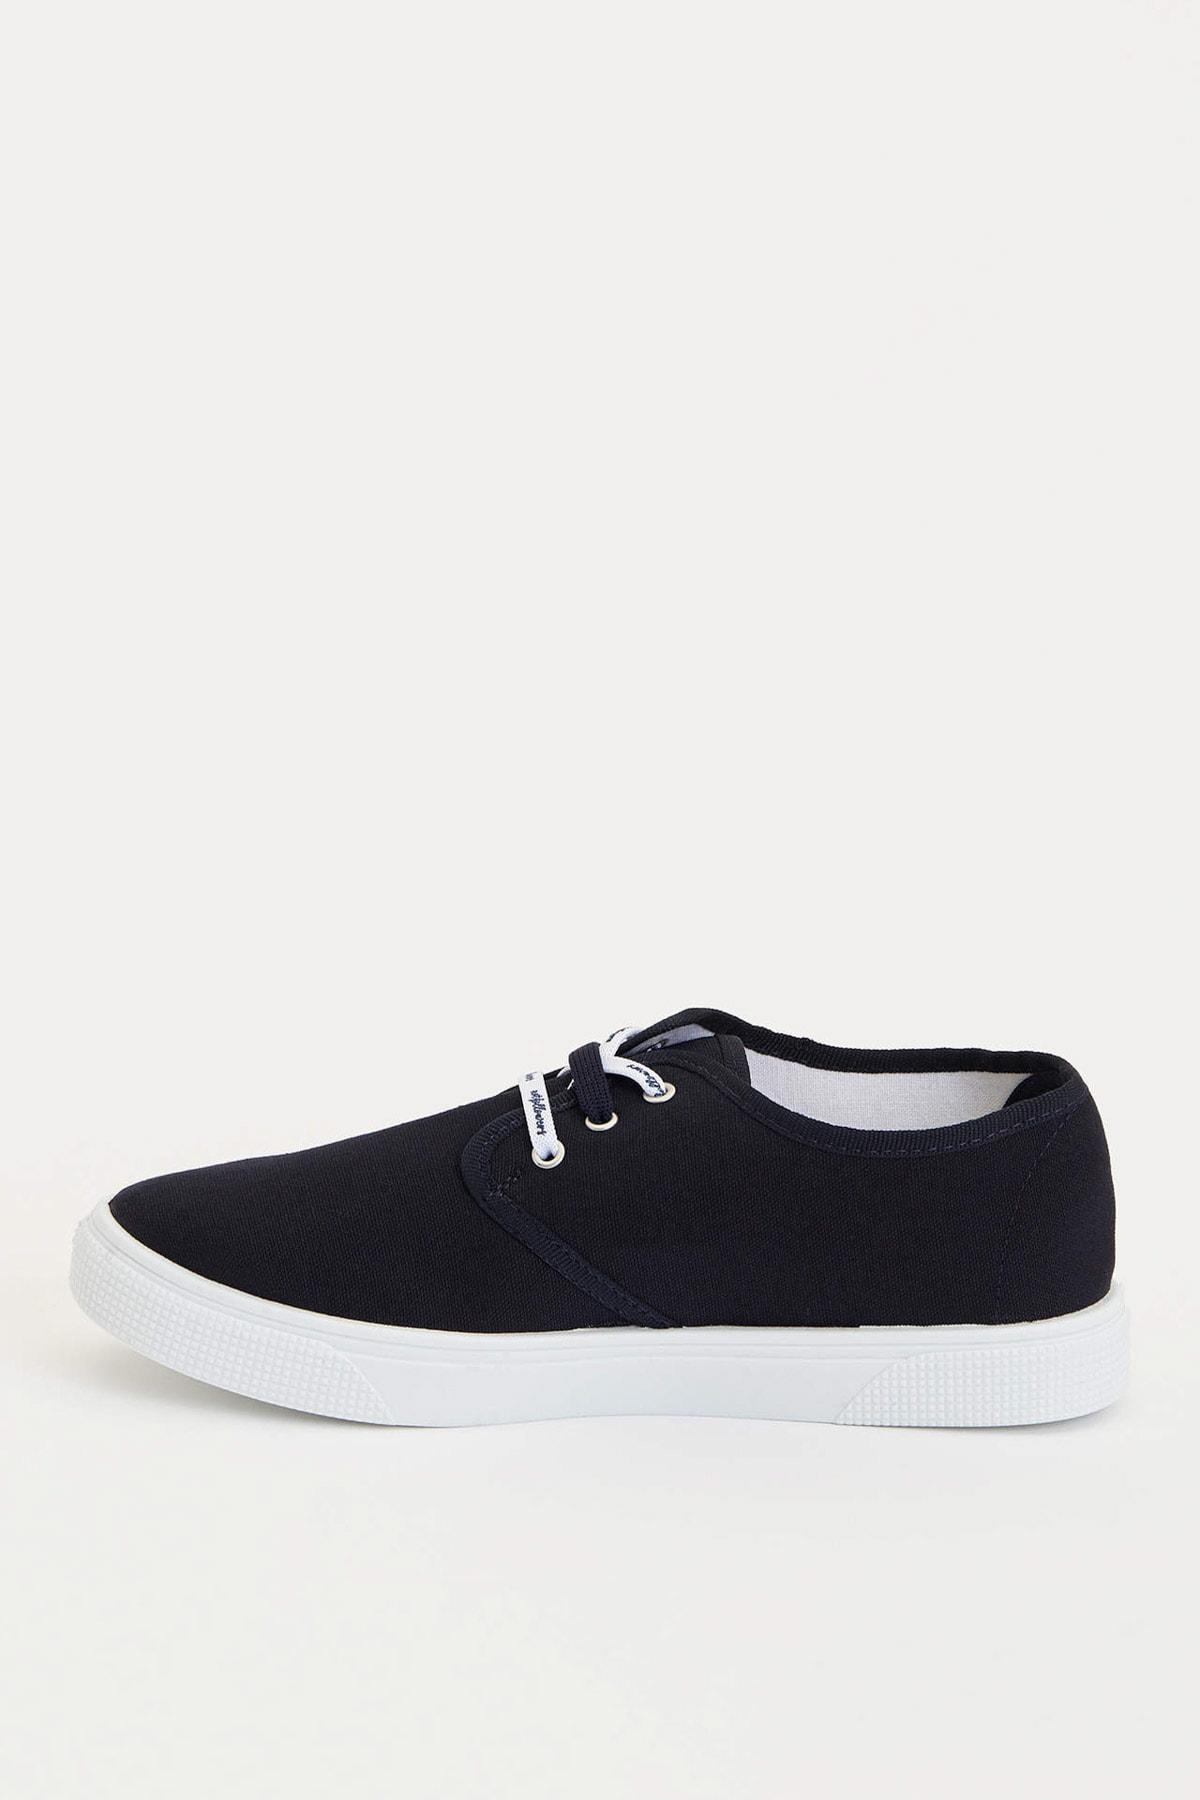 DeFacto Kadın Lacivert Bağcıklı Sneakers Ayakkabı R3460AZ.20SP.NV1 2